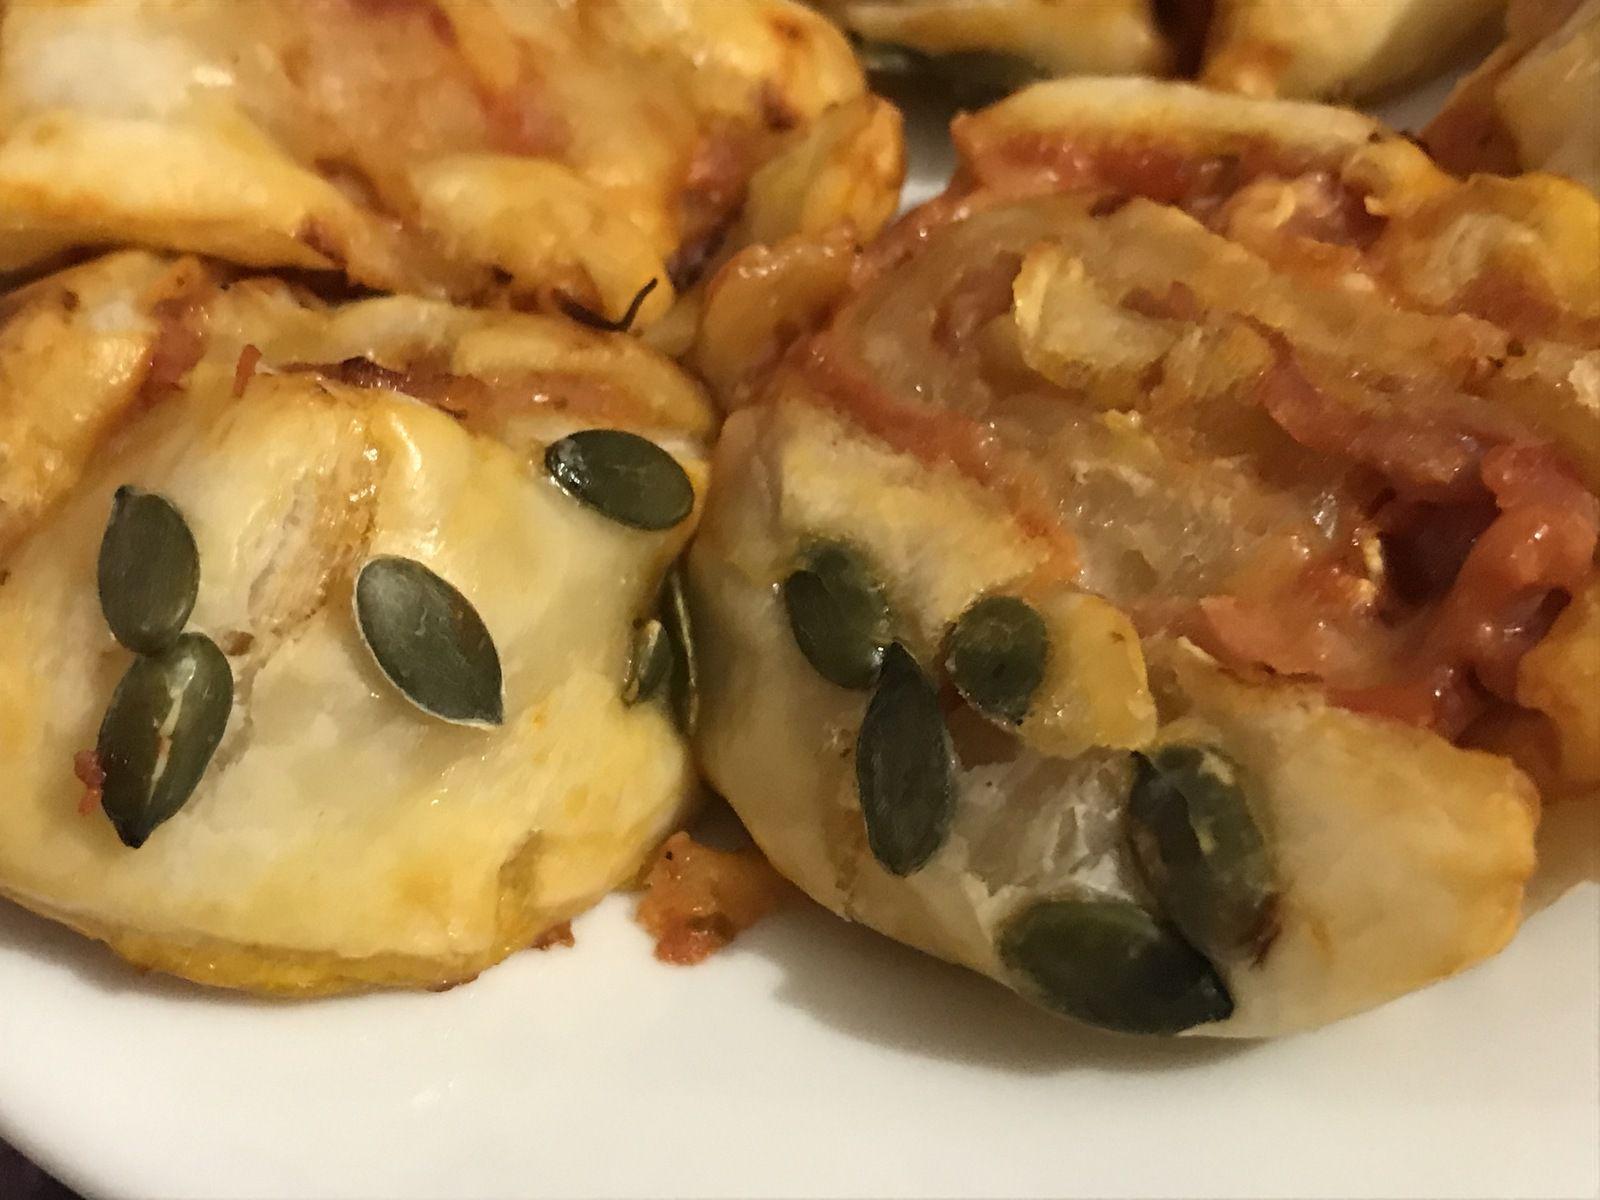 Rouleau au jambon cru, tomate, munster, emmental et graines de courges